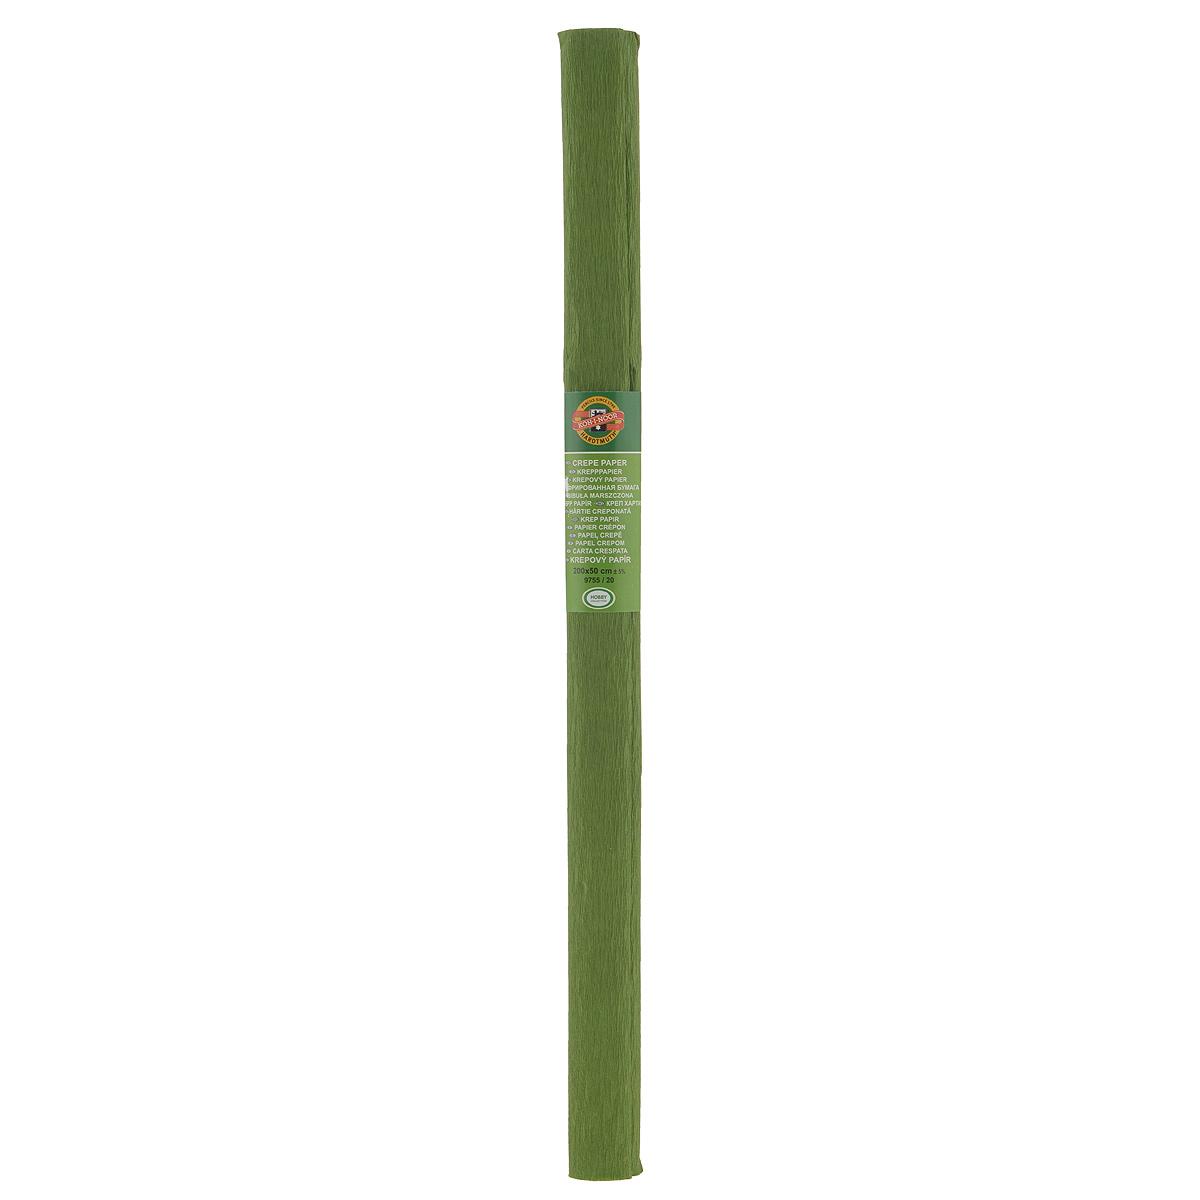 Бумага гофрированная Koh-I-Noor, цвет: оливковый, 50 см x 2 м9755/20 оливк.Крепированная бумага Koh-I-Noor - прекрасный материал для декорирования, изготовления эффектной упаковки и различных поделок. Бумага прекрасно держит форму, не пачкает руки, отлично крепится и замечательно подходит для изготовления праздничной упаковки для цветов.